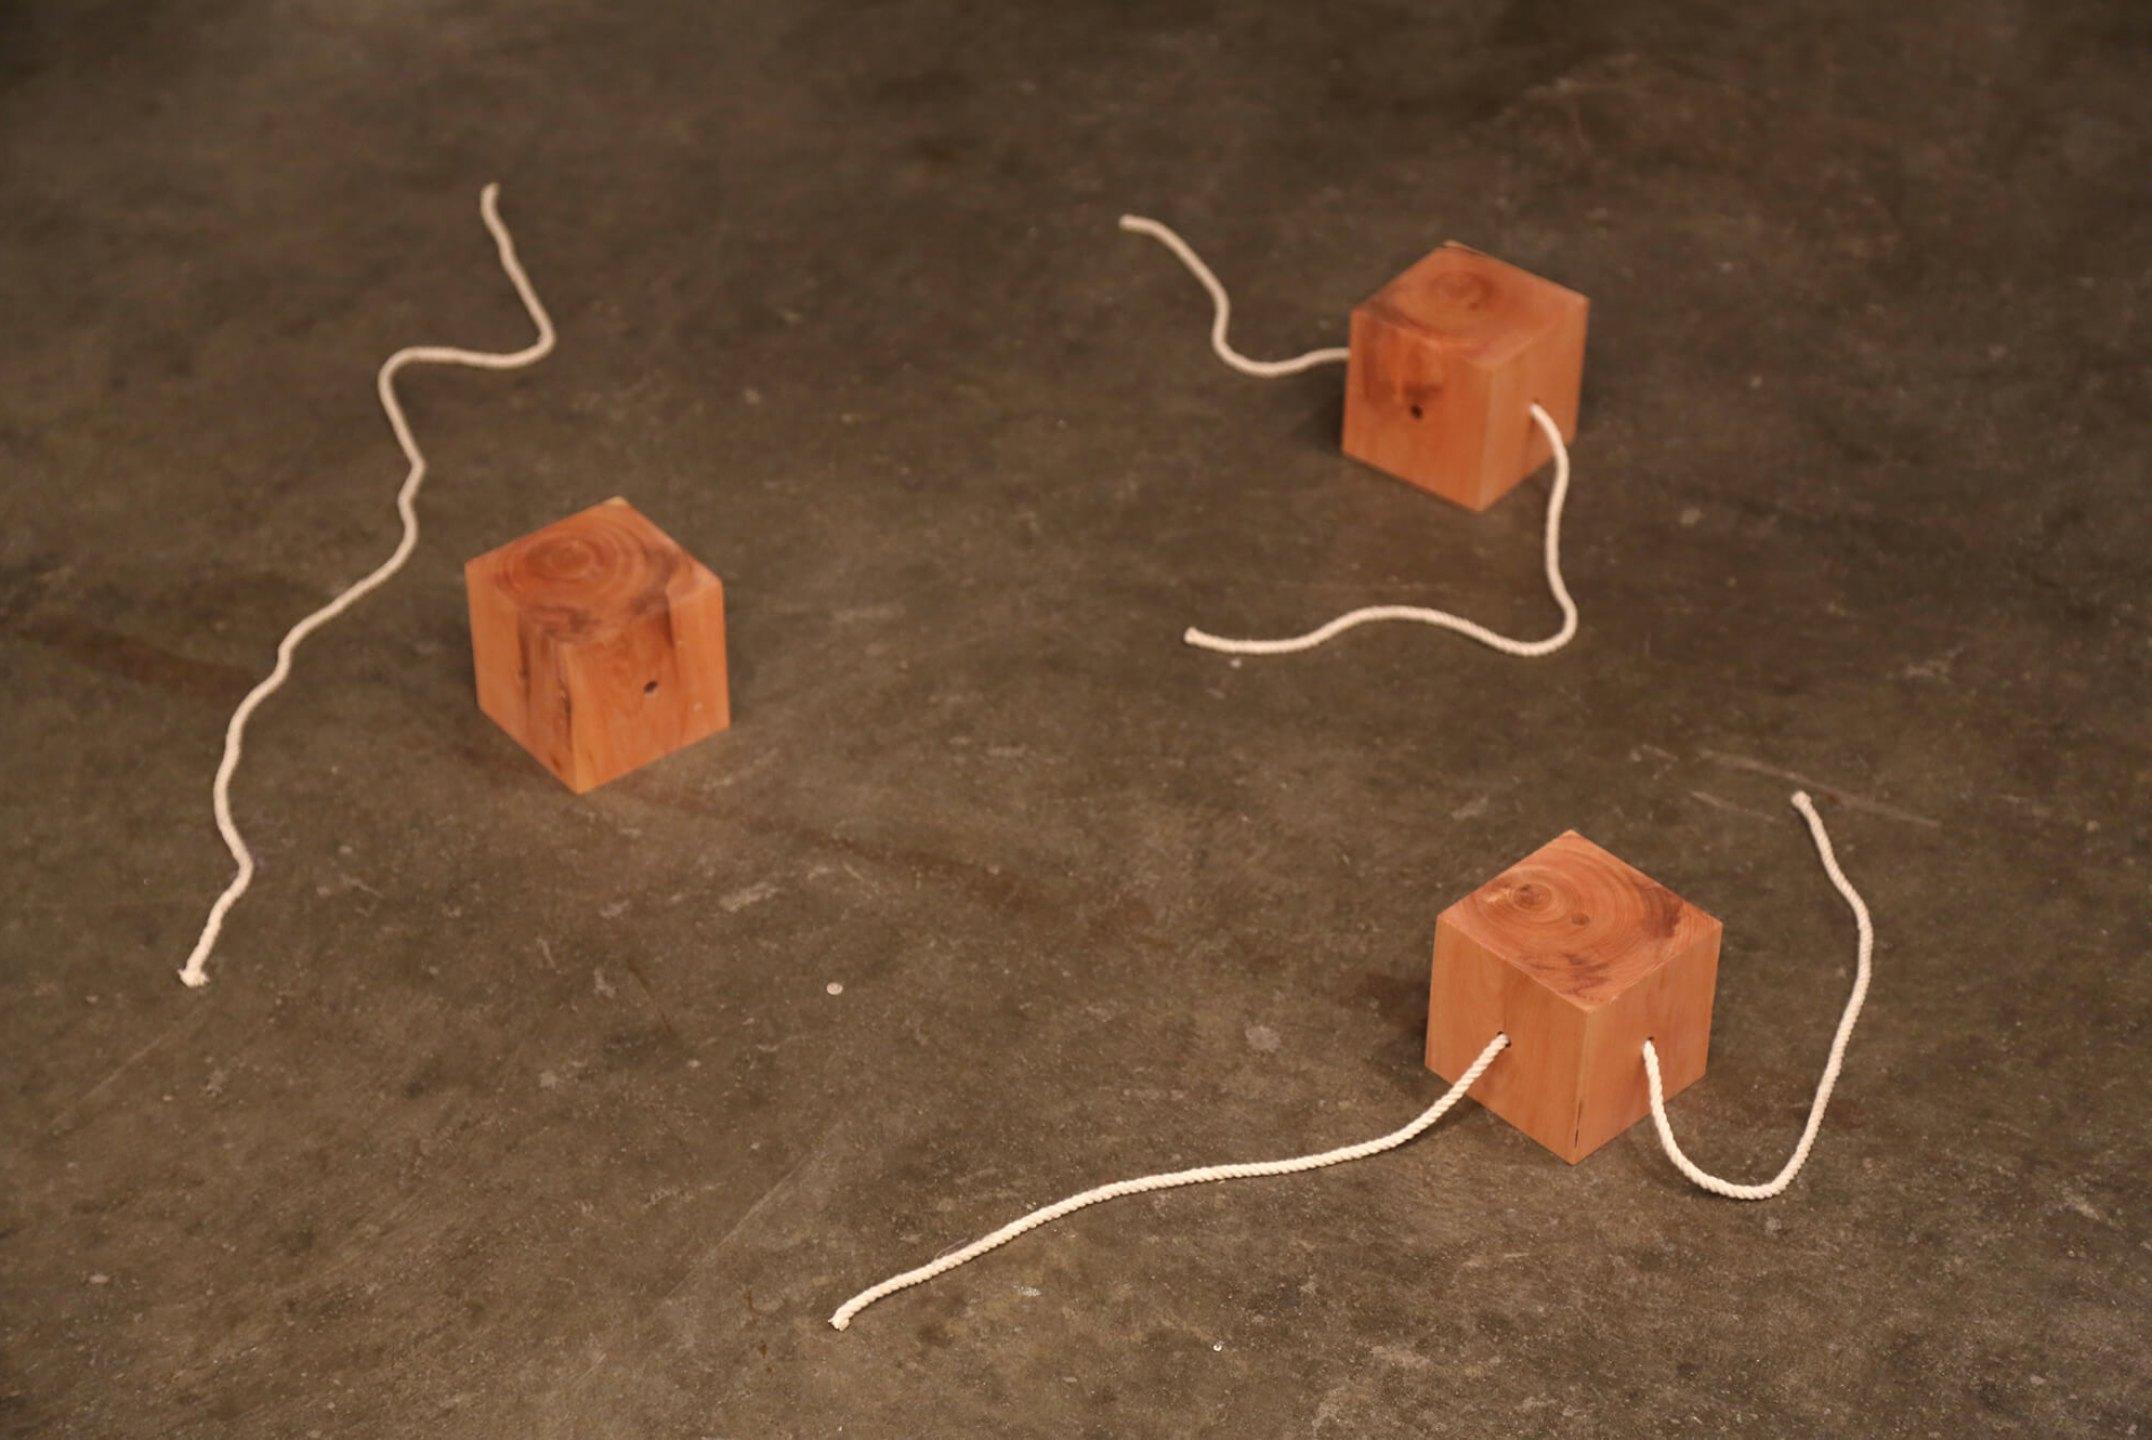 Roberto Winter, <em>Every which way,</em>2013, cubos de madeira, cordas de algodão, dimensões variáveis (10 x 10 x 10 cm cada cubo) - Mendes Wood DM